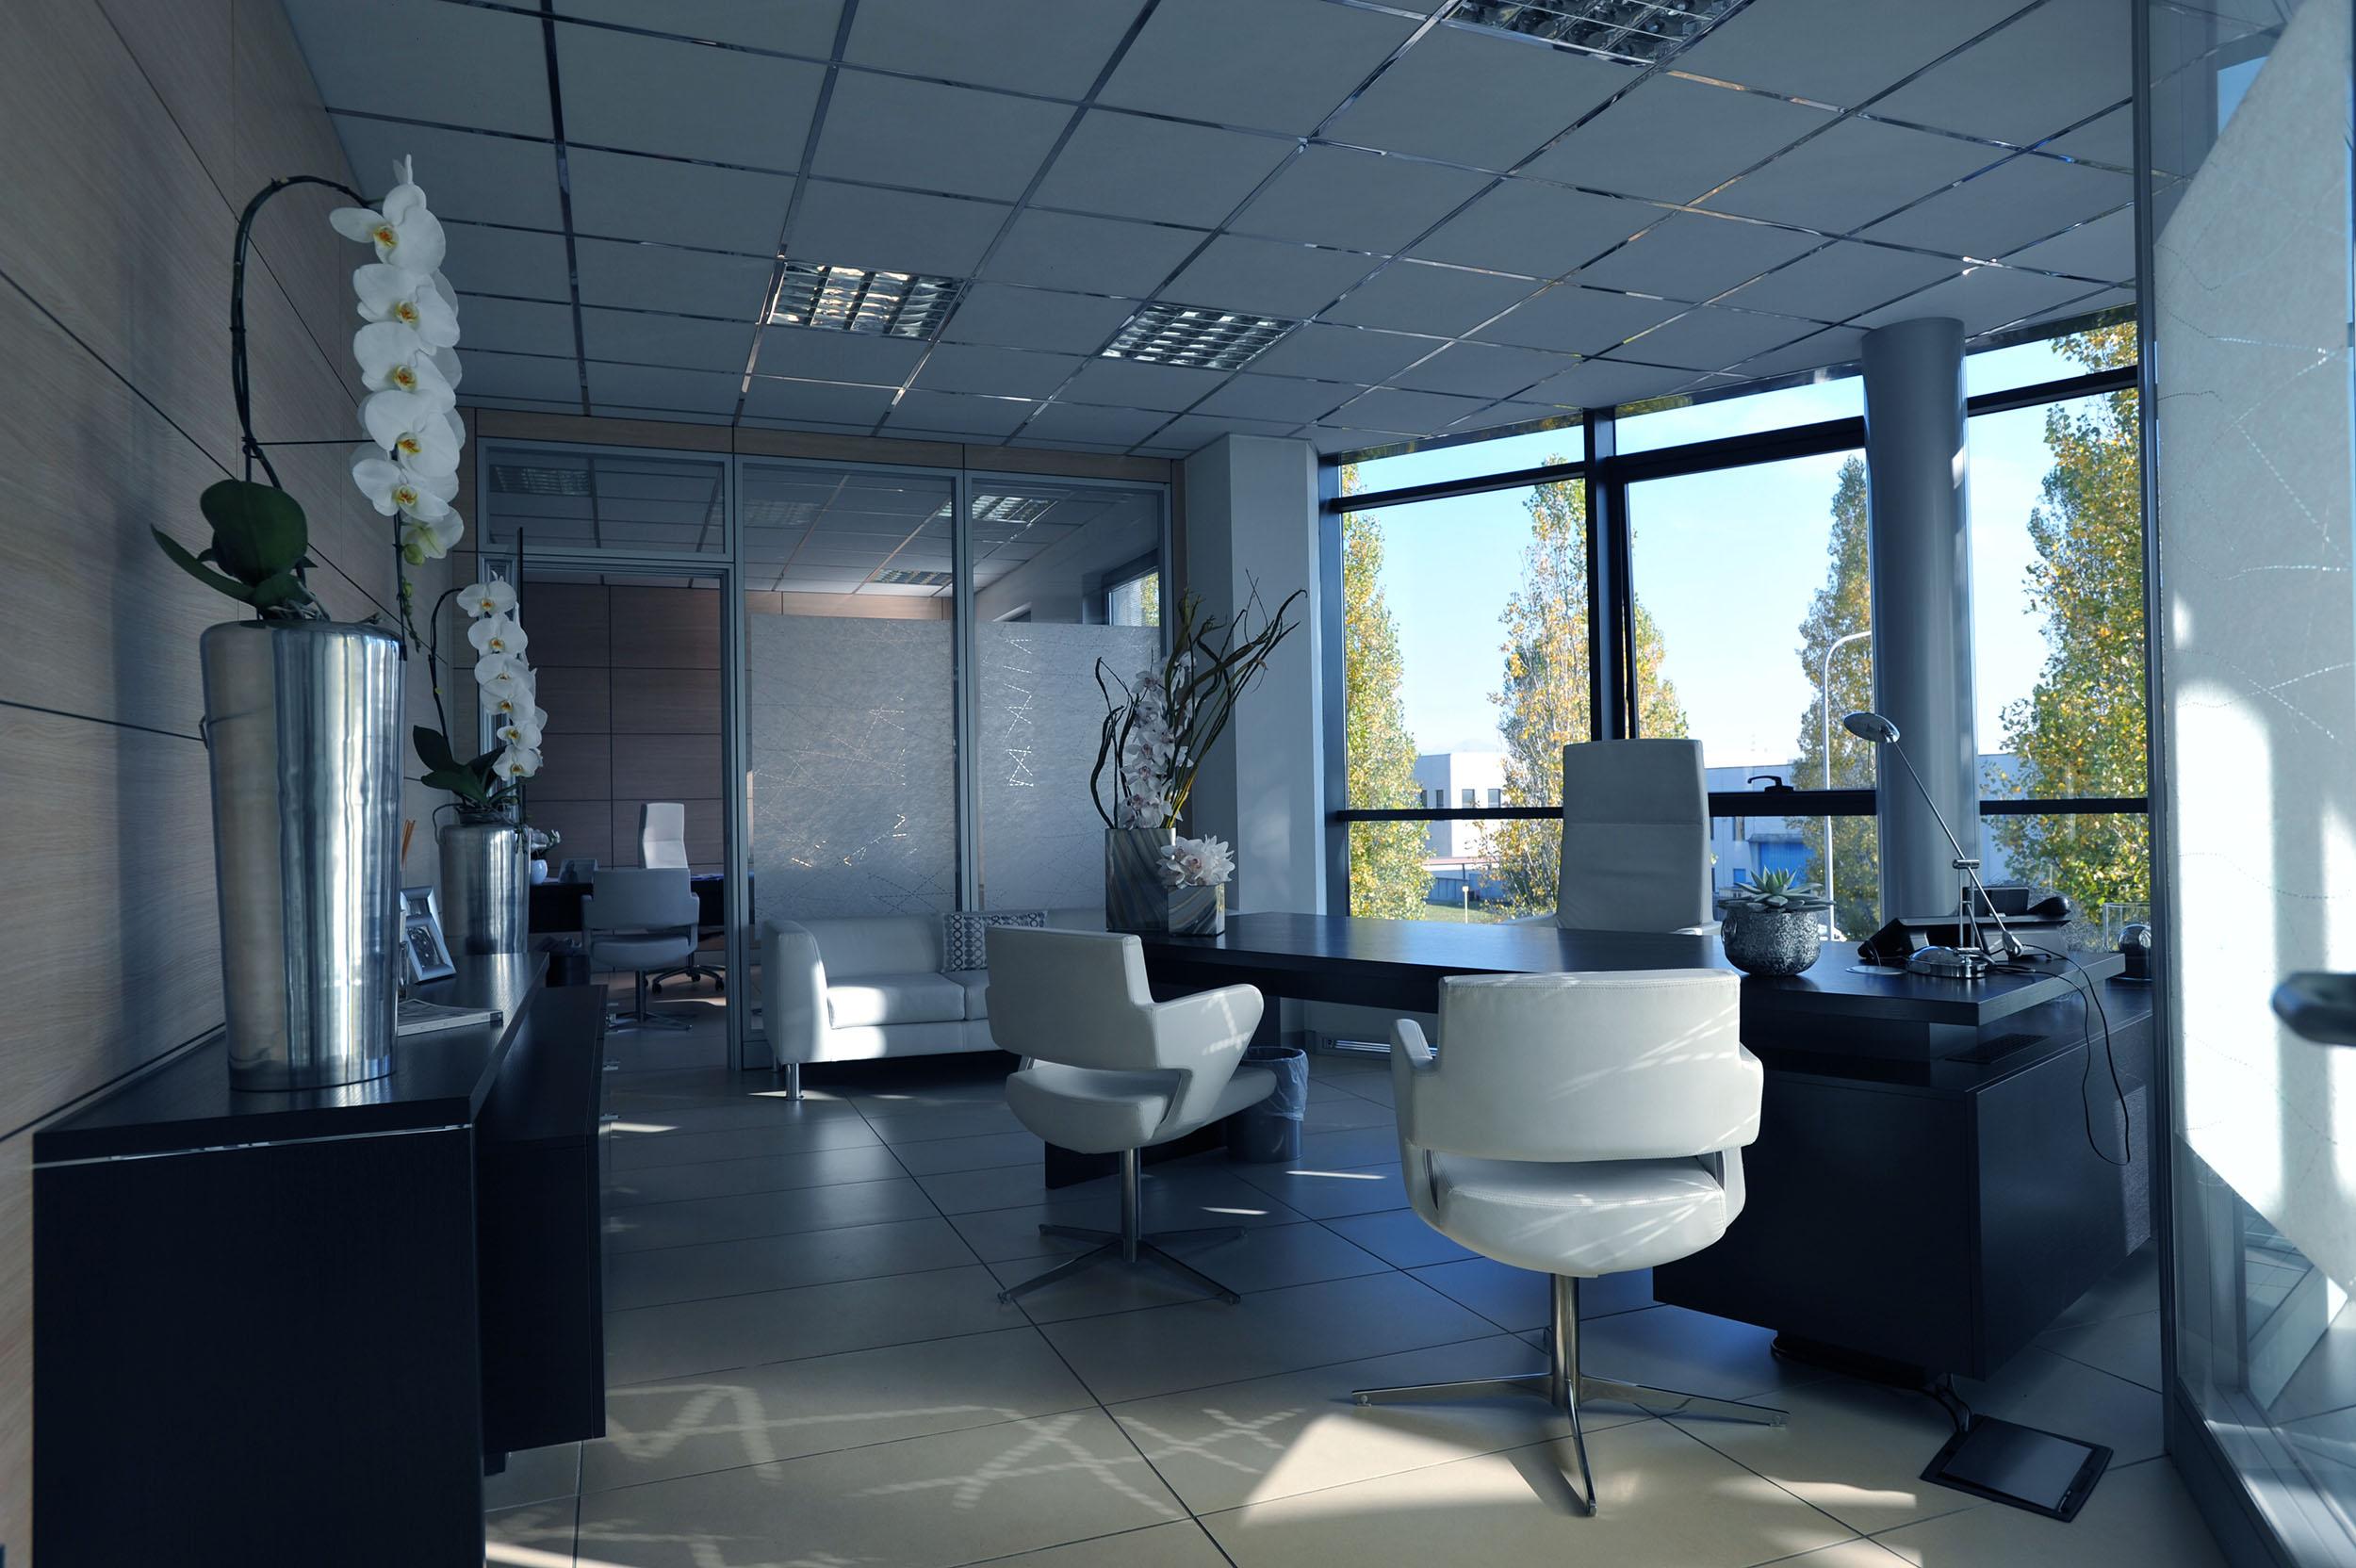 1 - ASG SPA OFFICE - UFFICIO ASG SPA